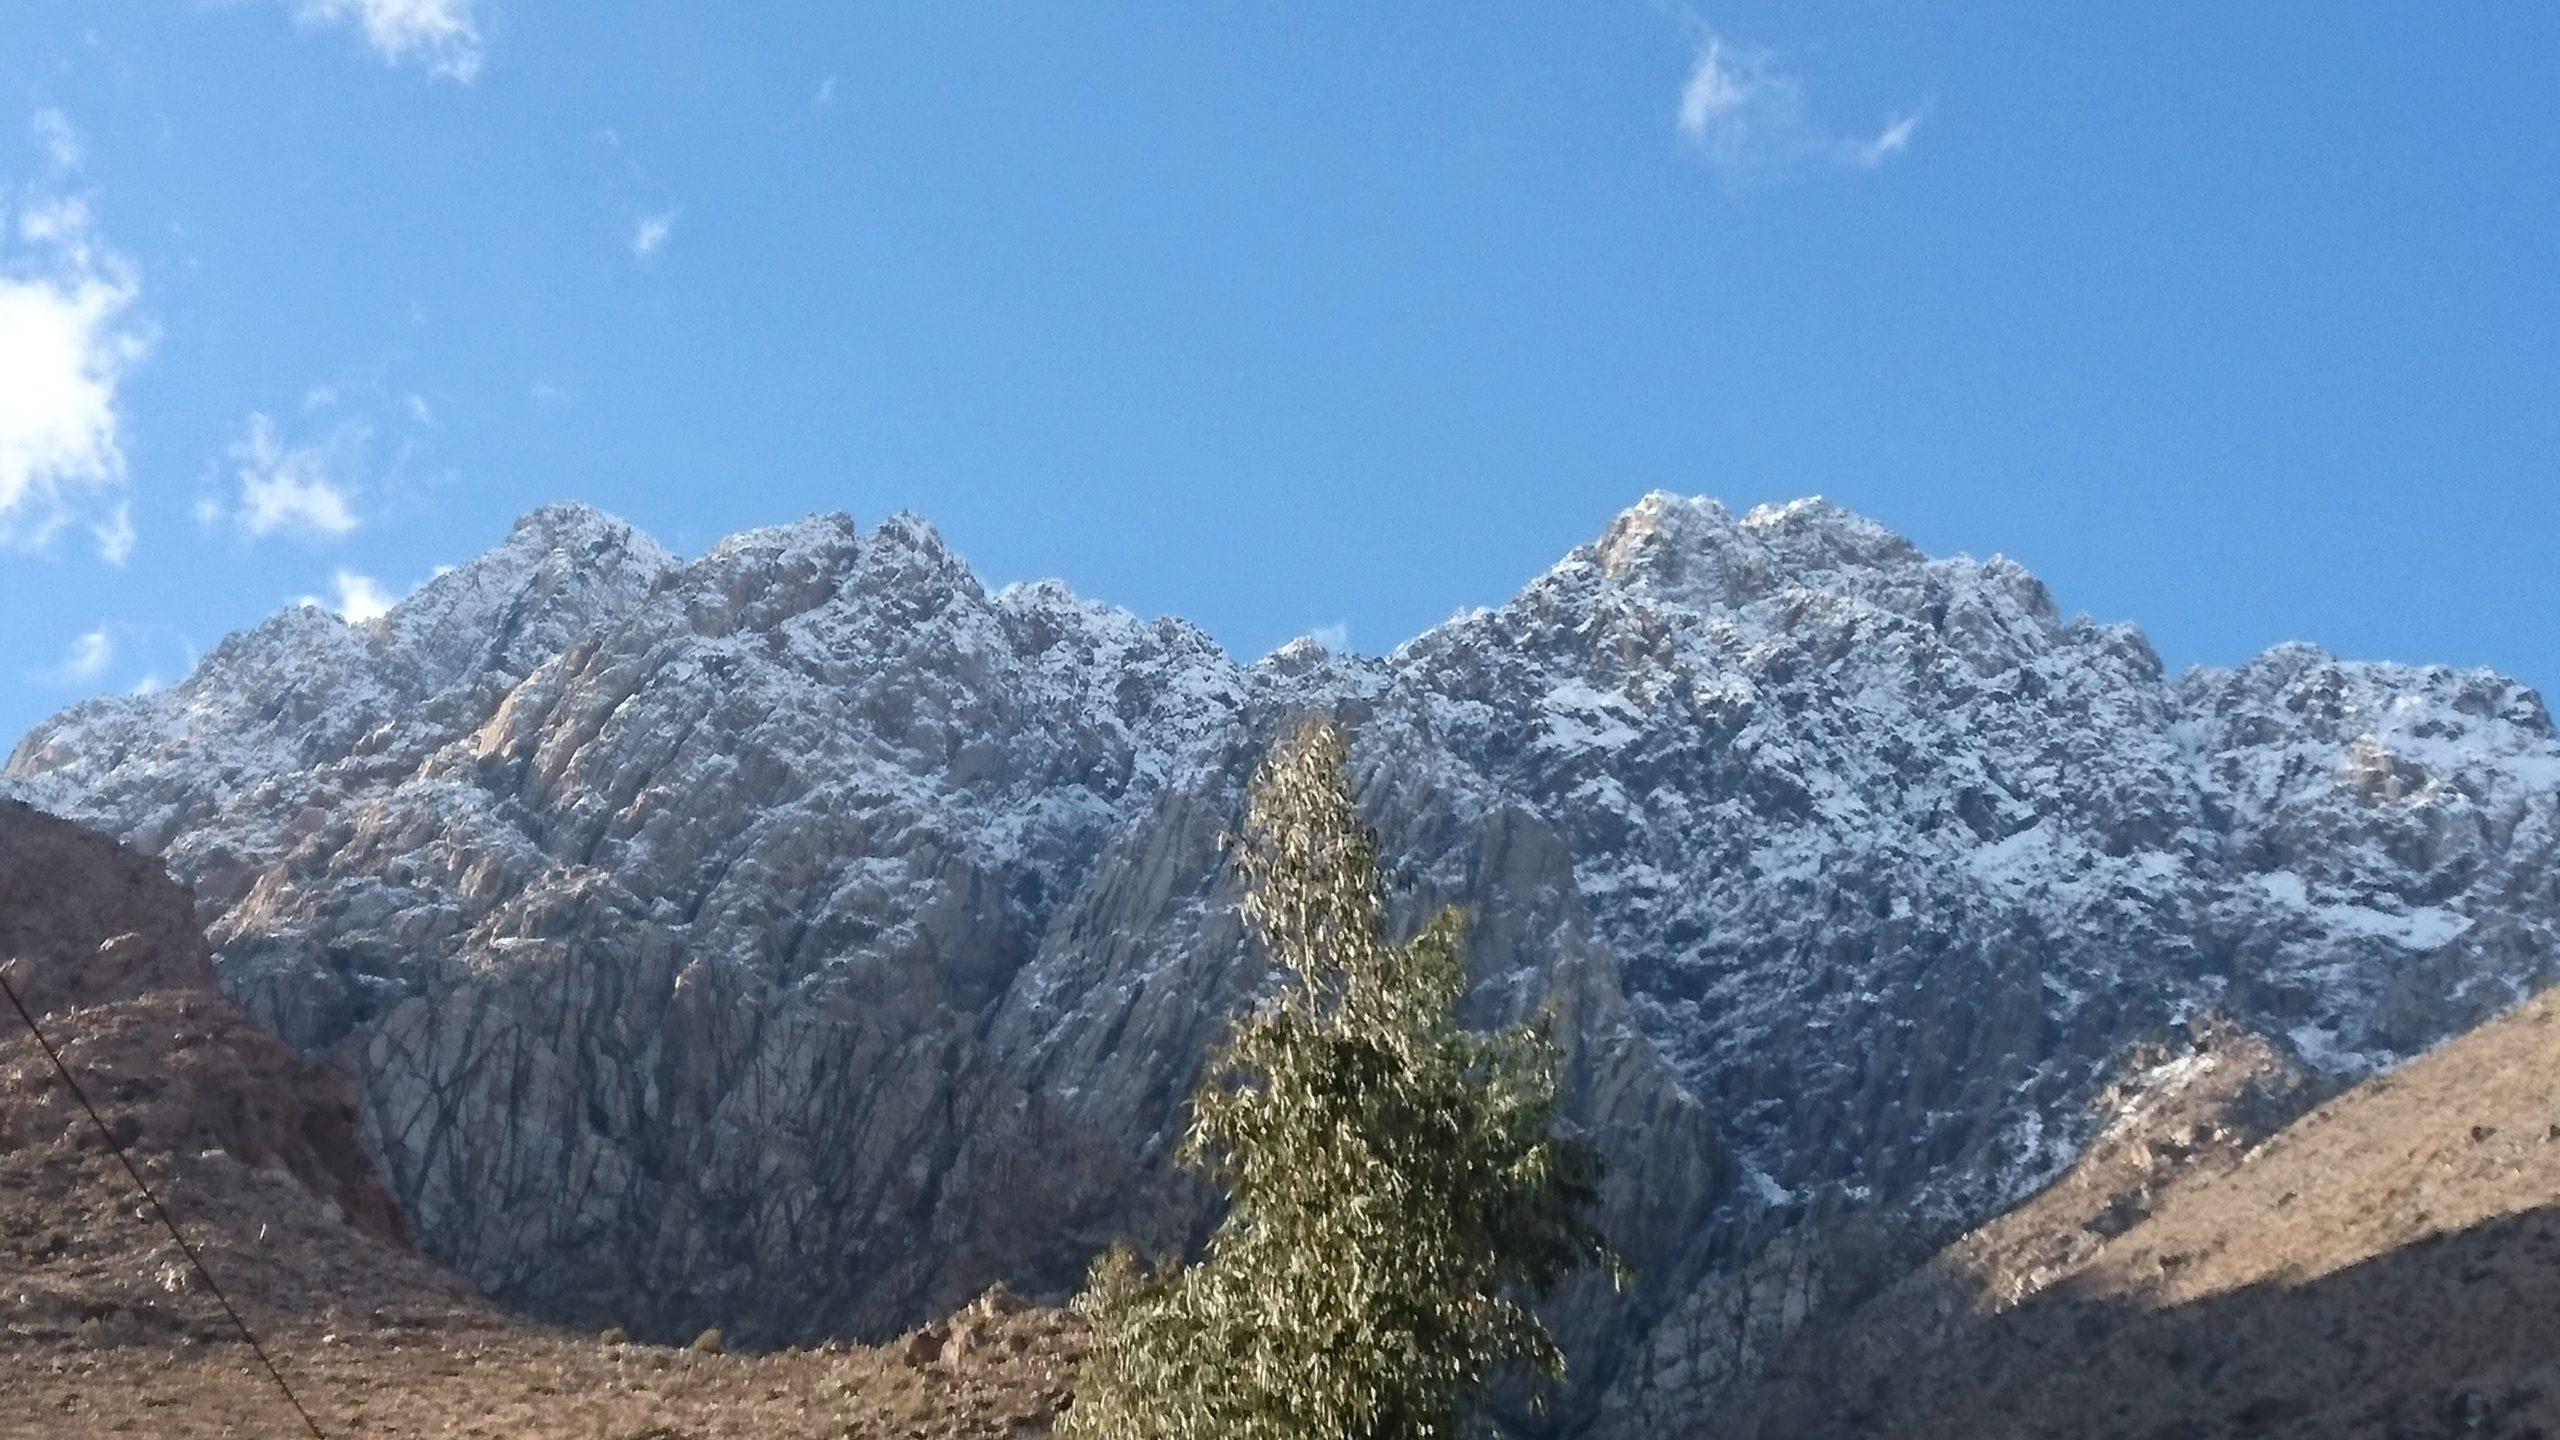 Vallée de l'Elqui au Chili - Destinations où voyager en 2019